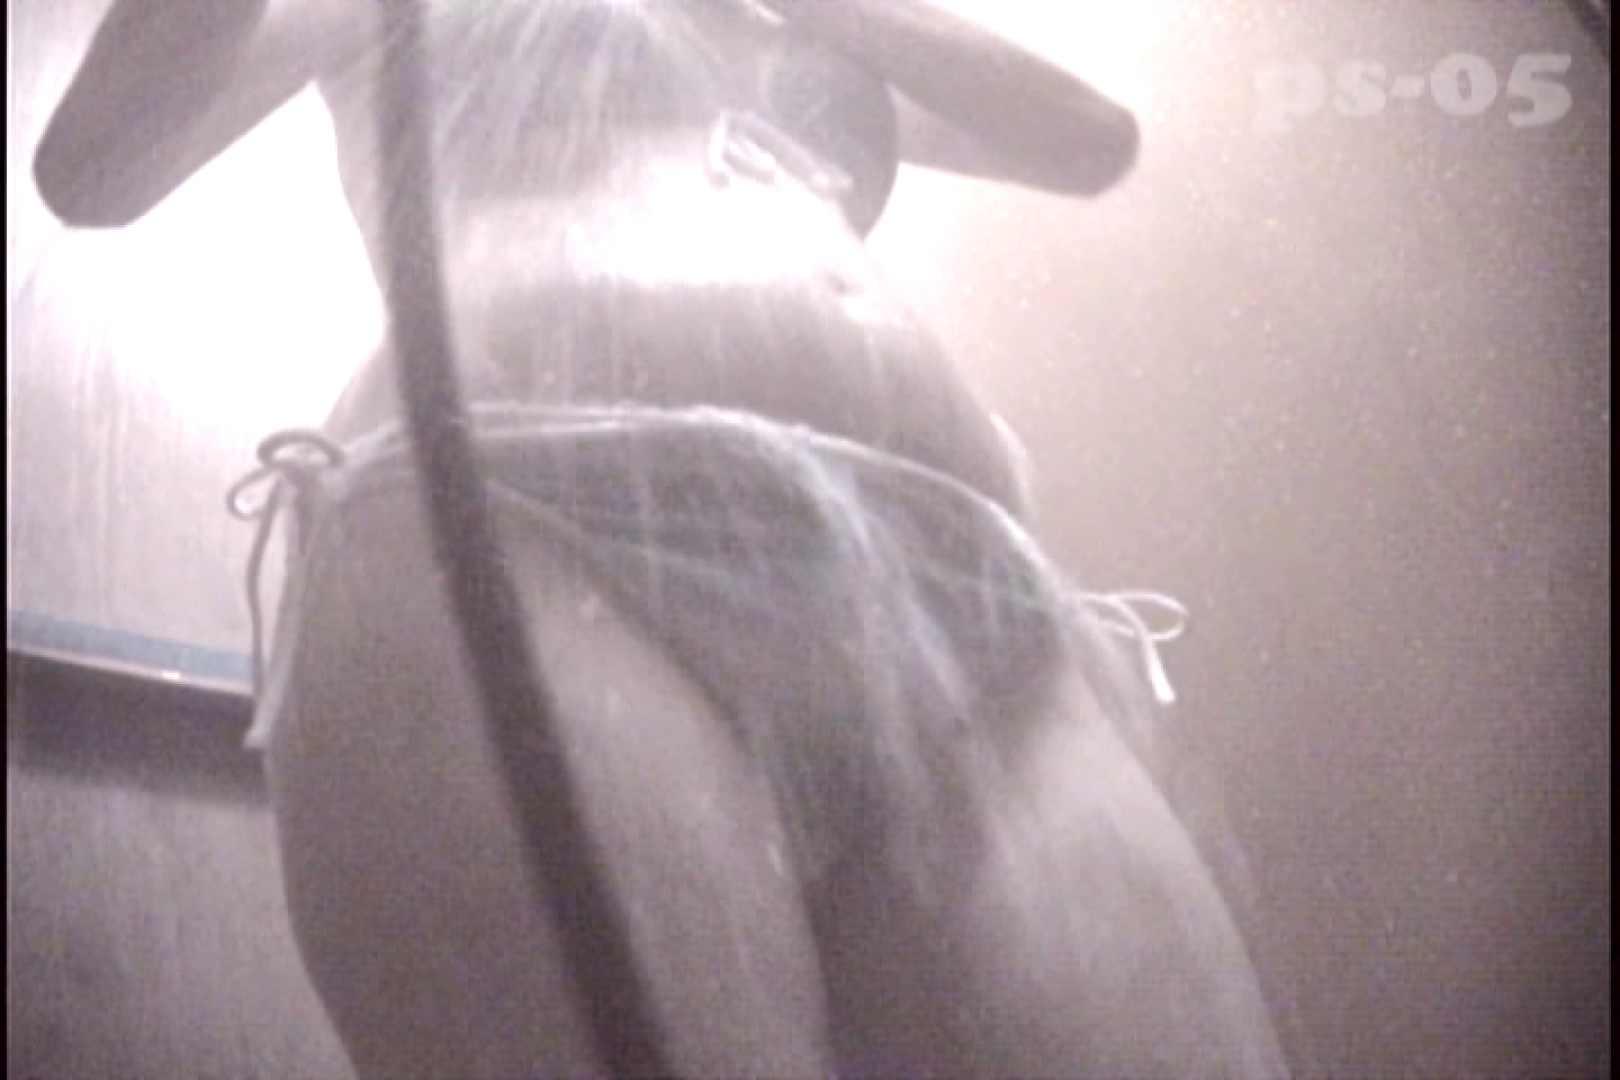 File.29 ビキニに手を入れて股間をごしごし、警戒してか脱ぎません。 盗撮 AV無料 67pic 37